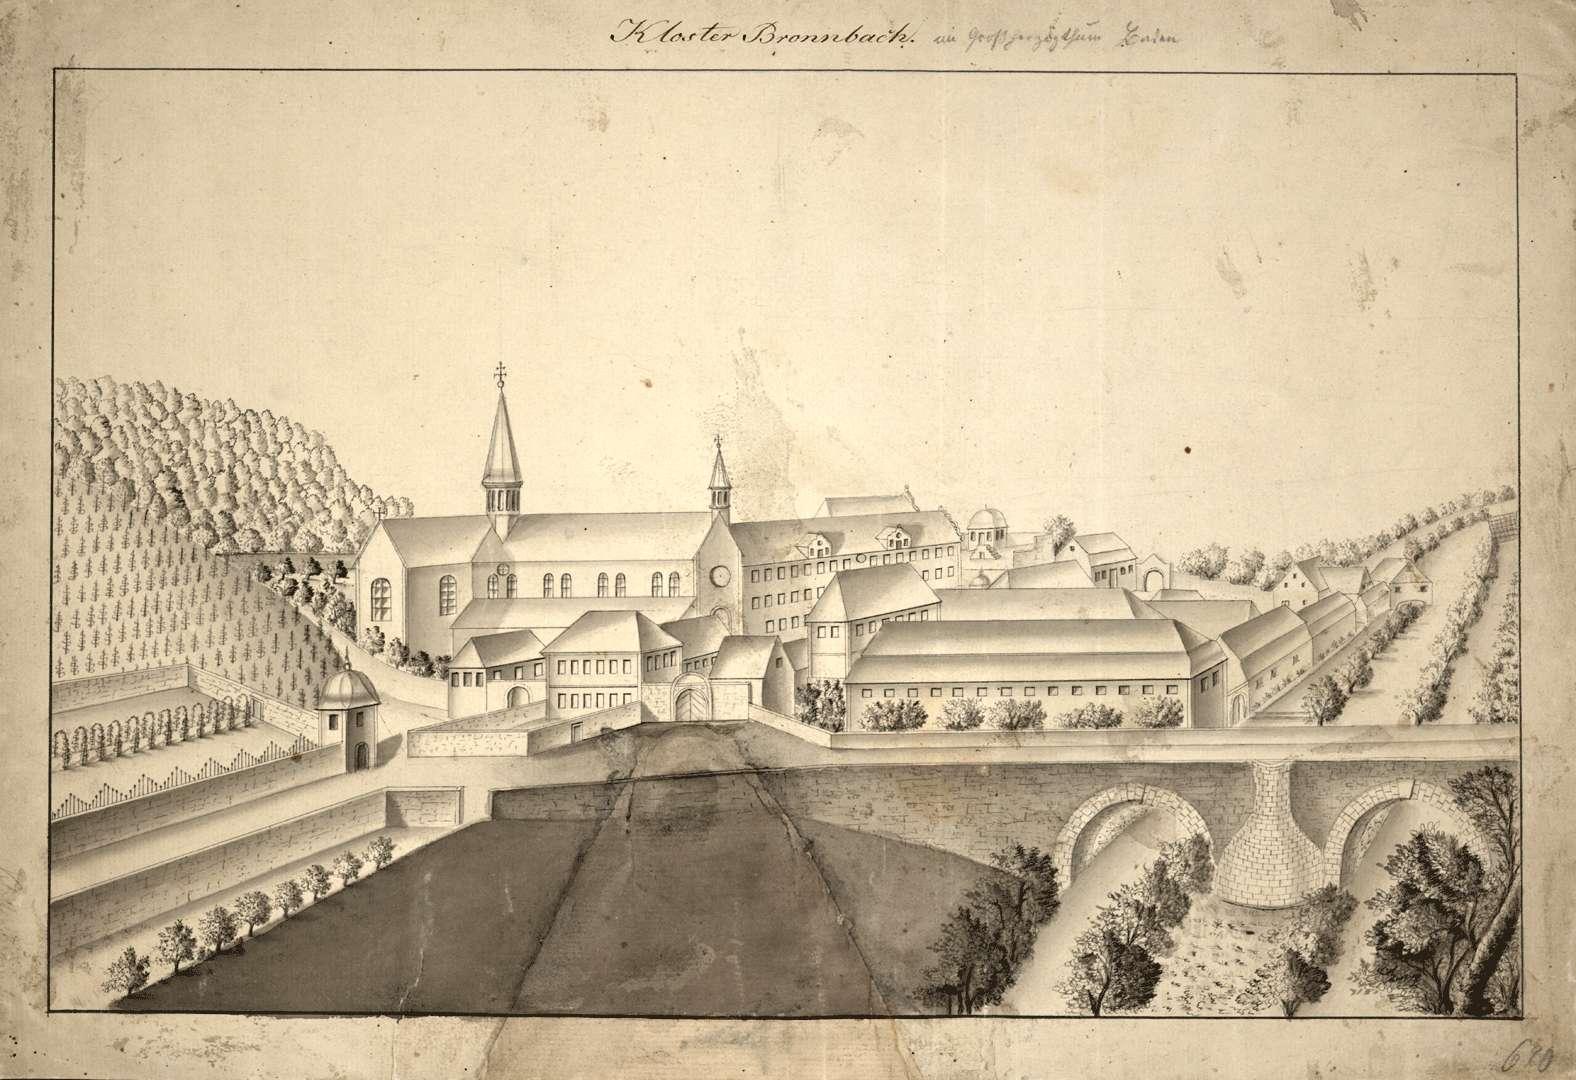 Kloster Bronnbach in Großherzogthum Baden, Bild 1